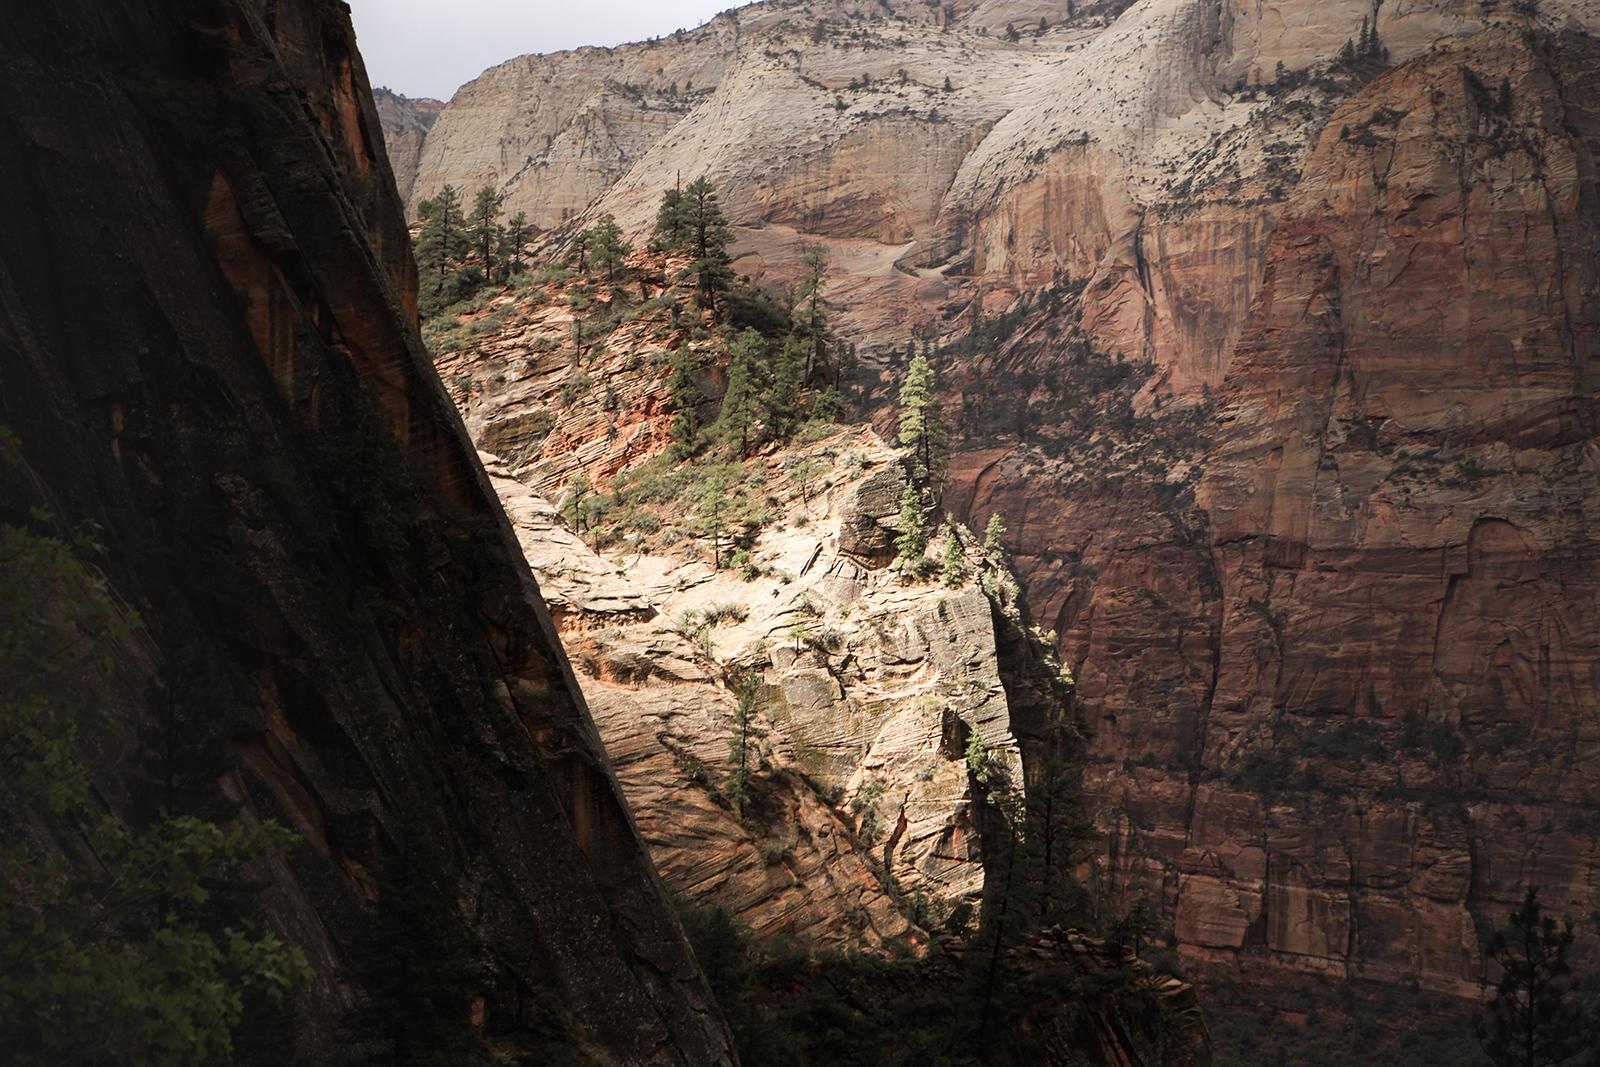 Randonner à Zion national park